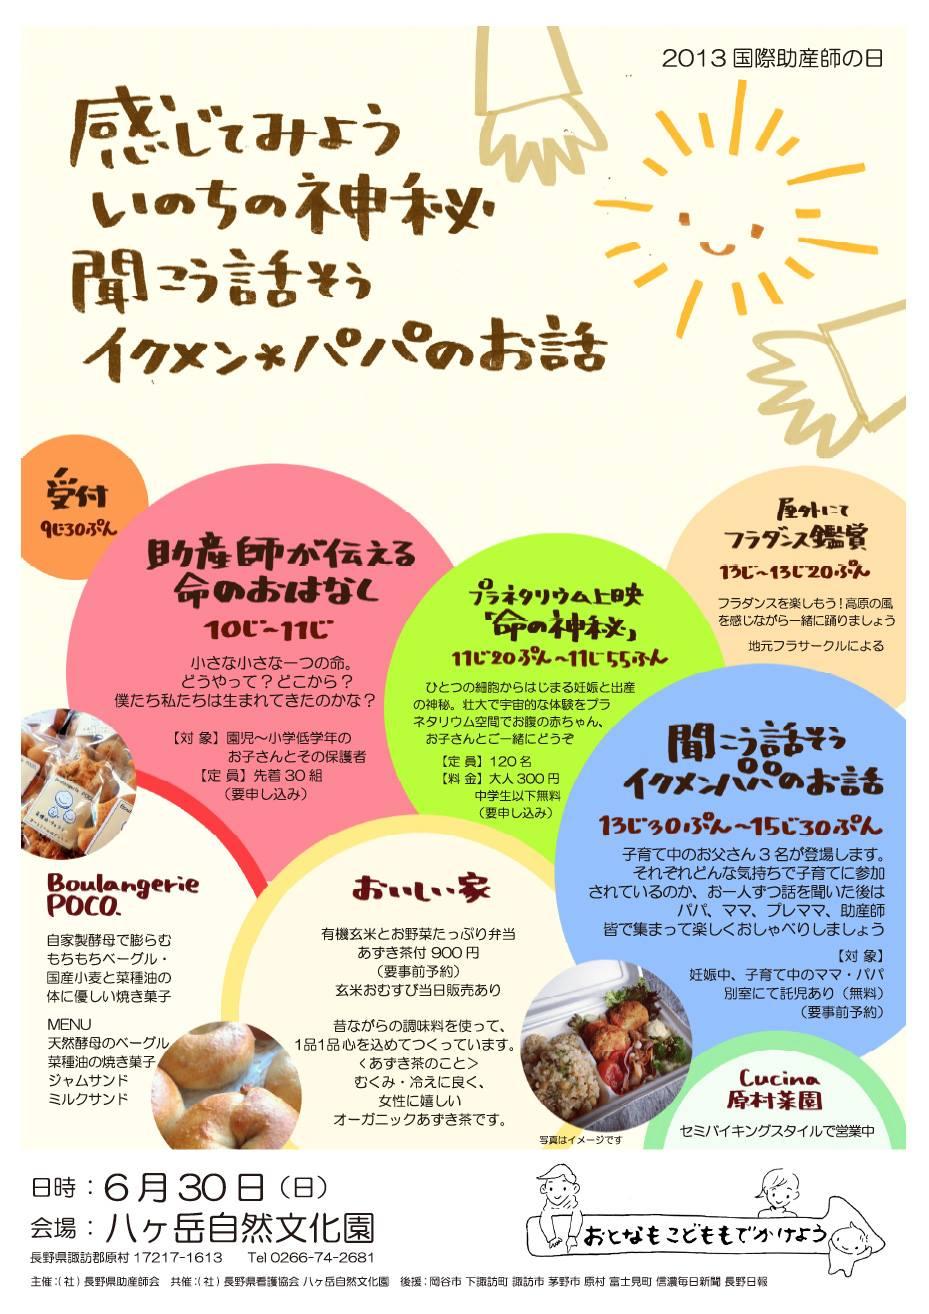 20130630_josanshikai.jpg